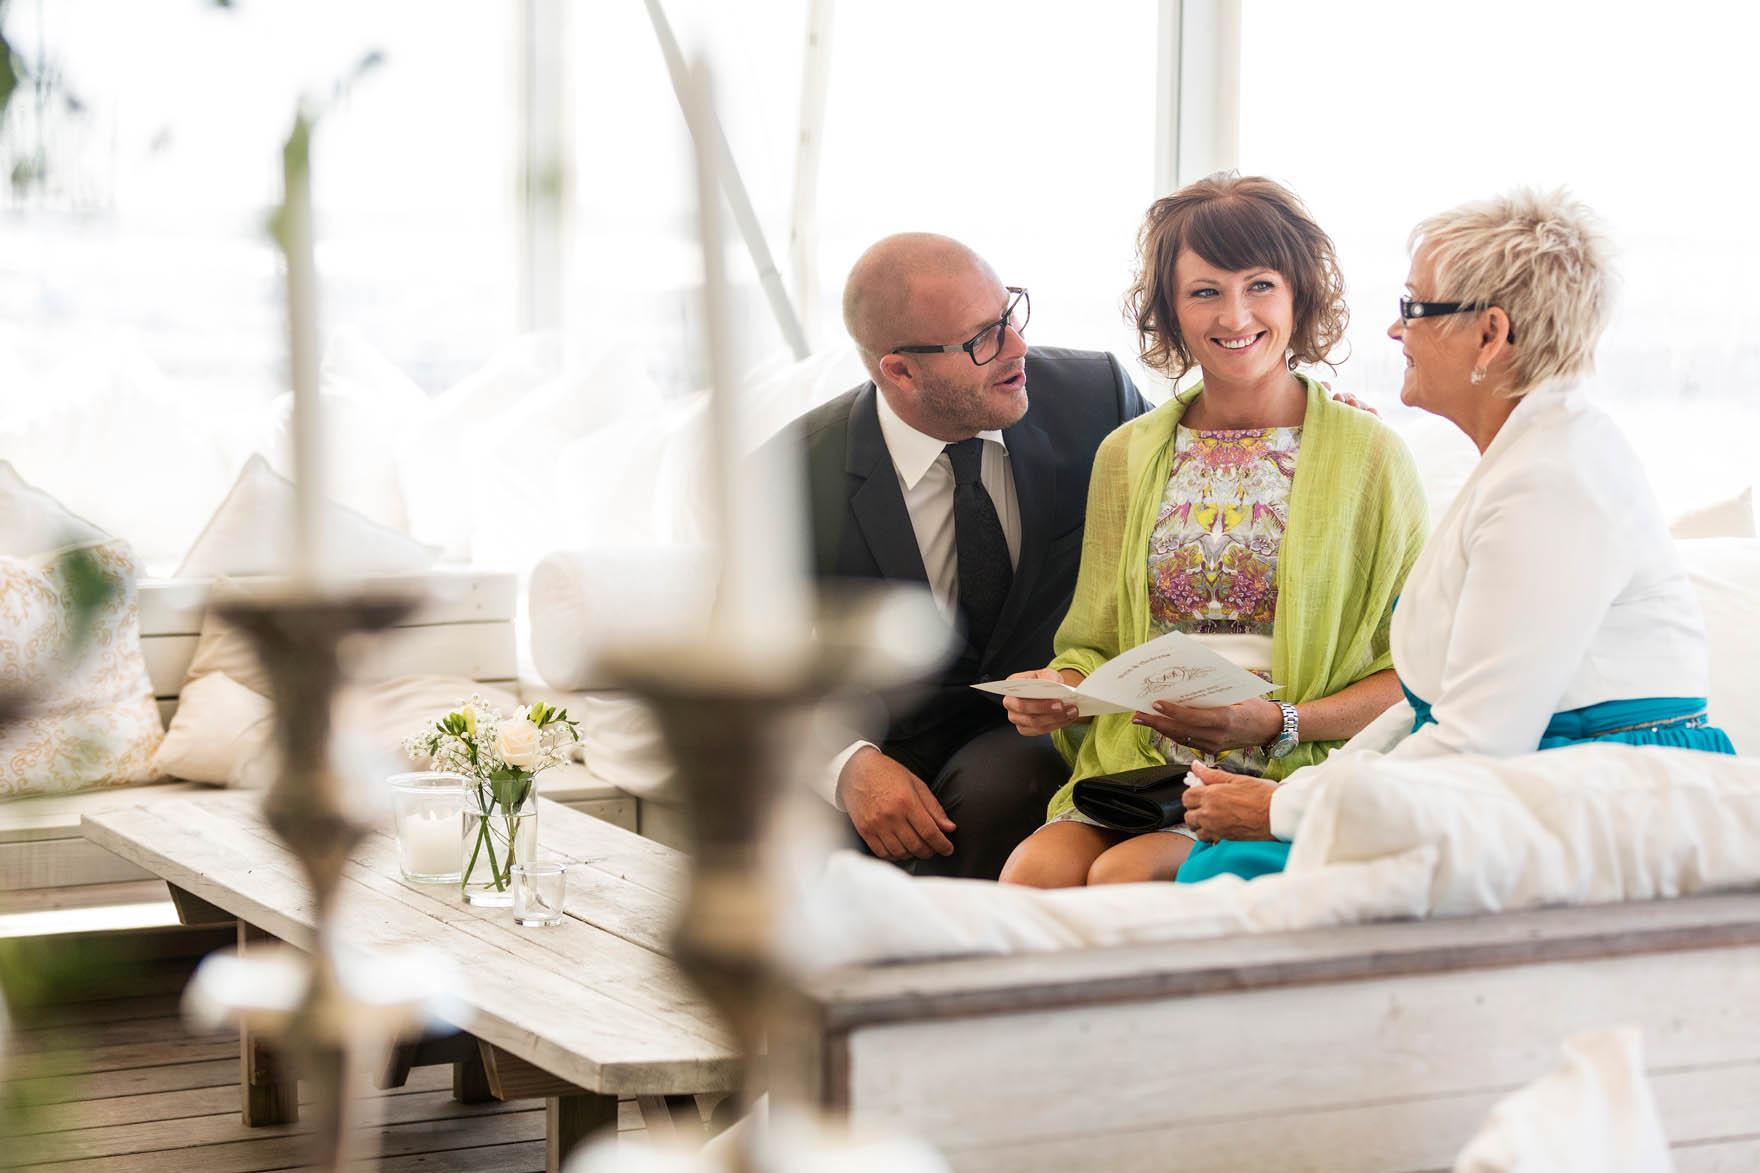 Bröllop på långedrags värdshus